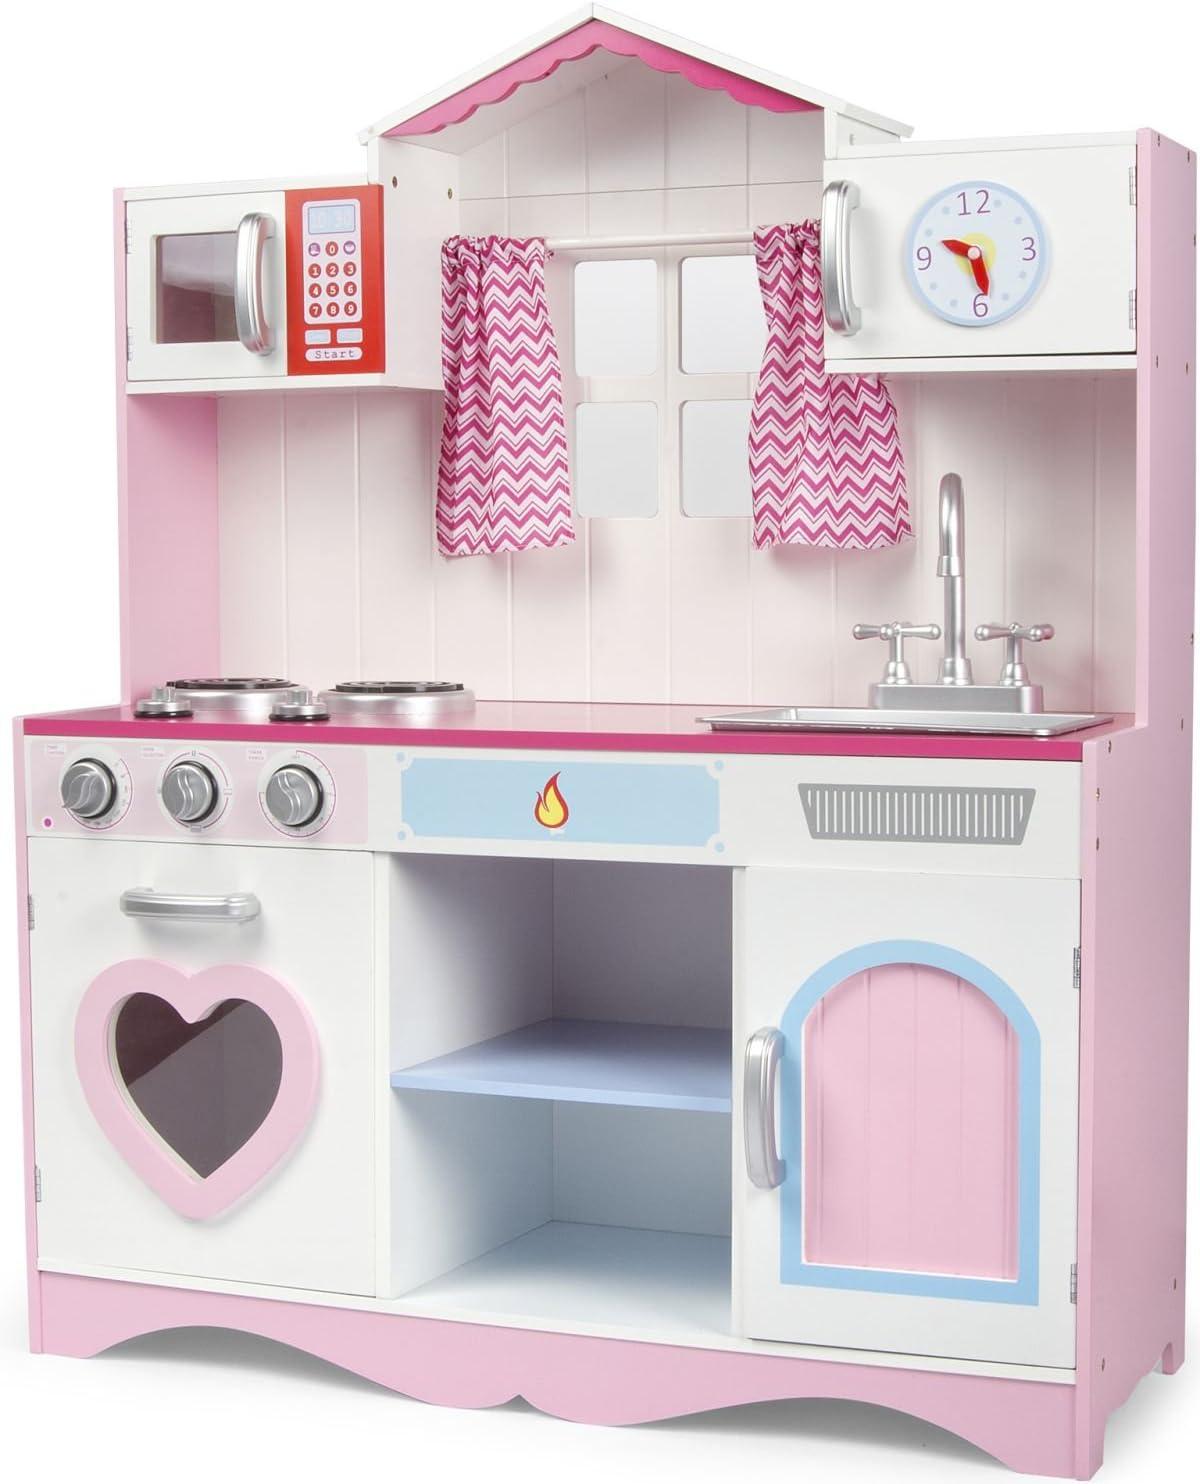 Leomark Cocina PINK PLAY Madera Infantil de Juguete - COLOR ROSA - Accesorios, Para Niños, Efectos de luz y sonido, Dim: 82x30x101(altura) cm